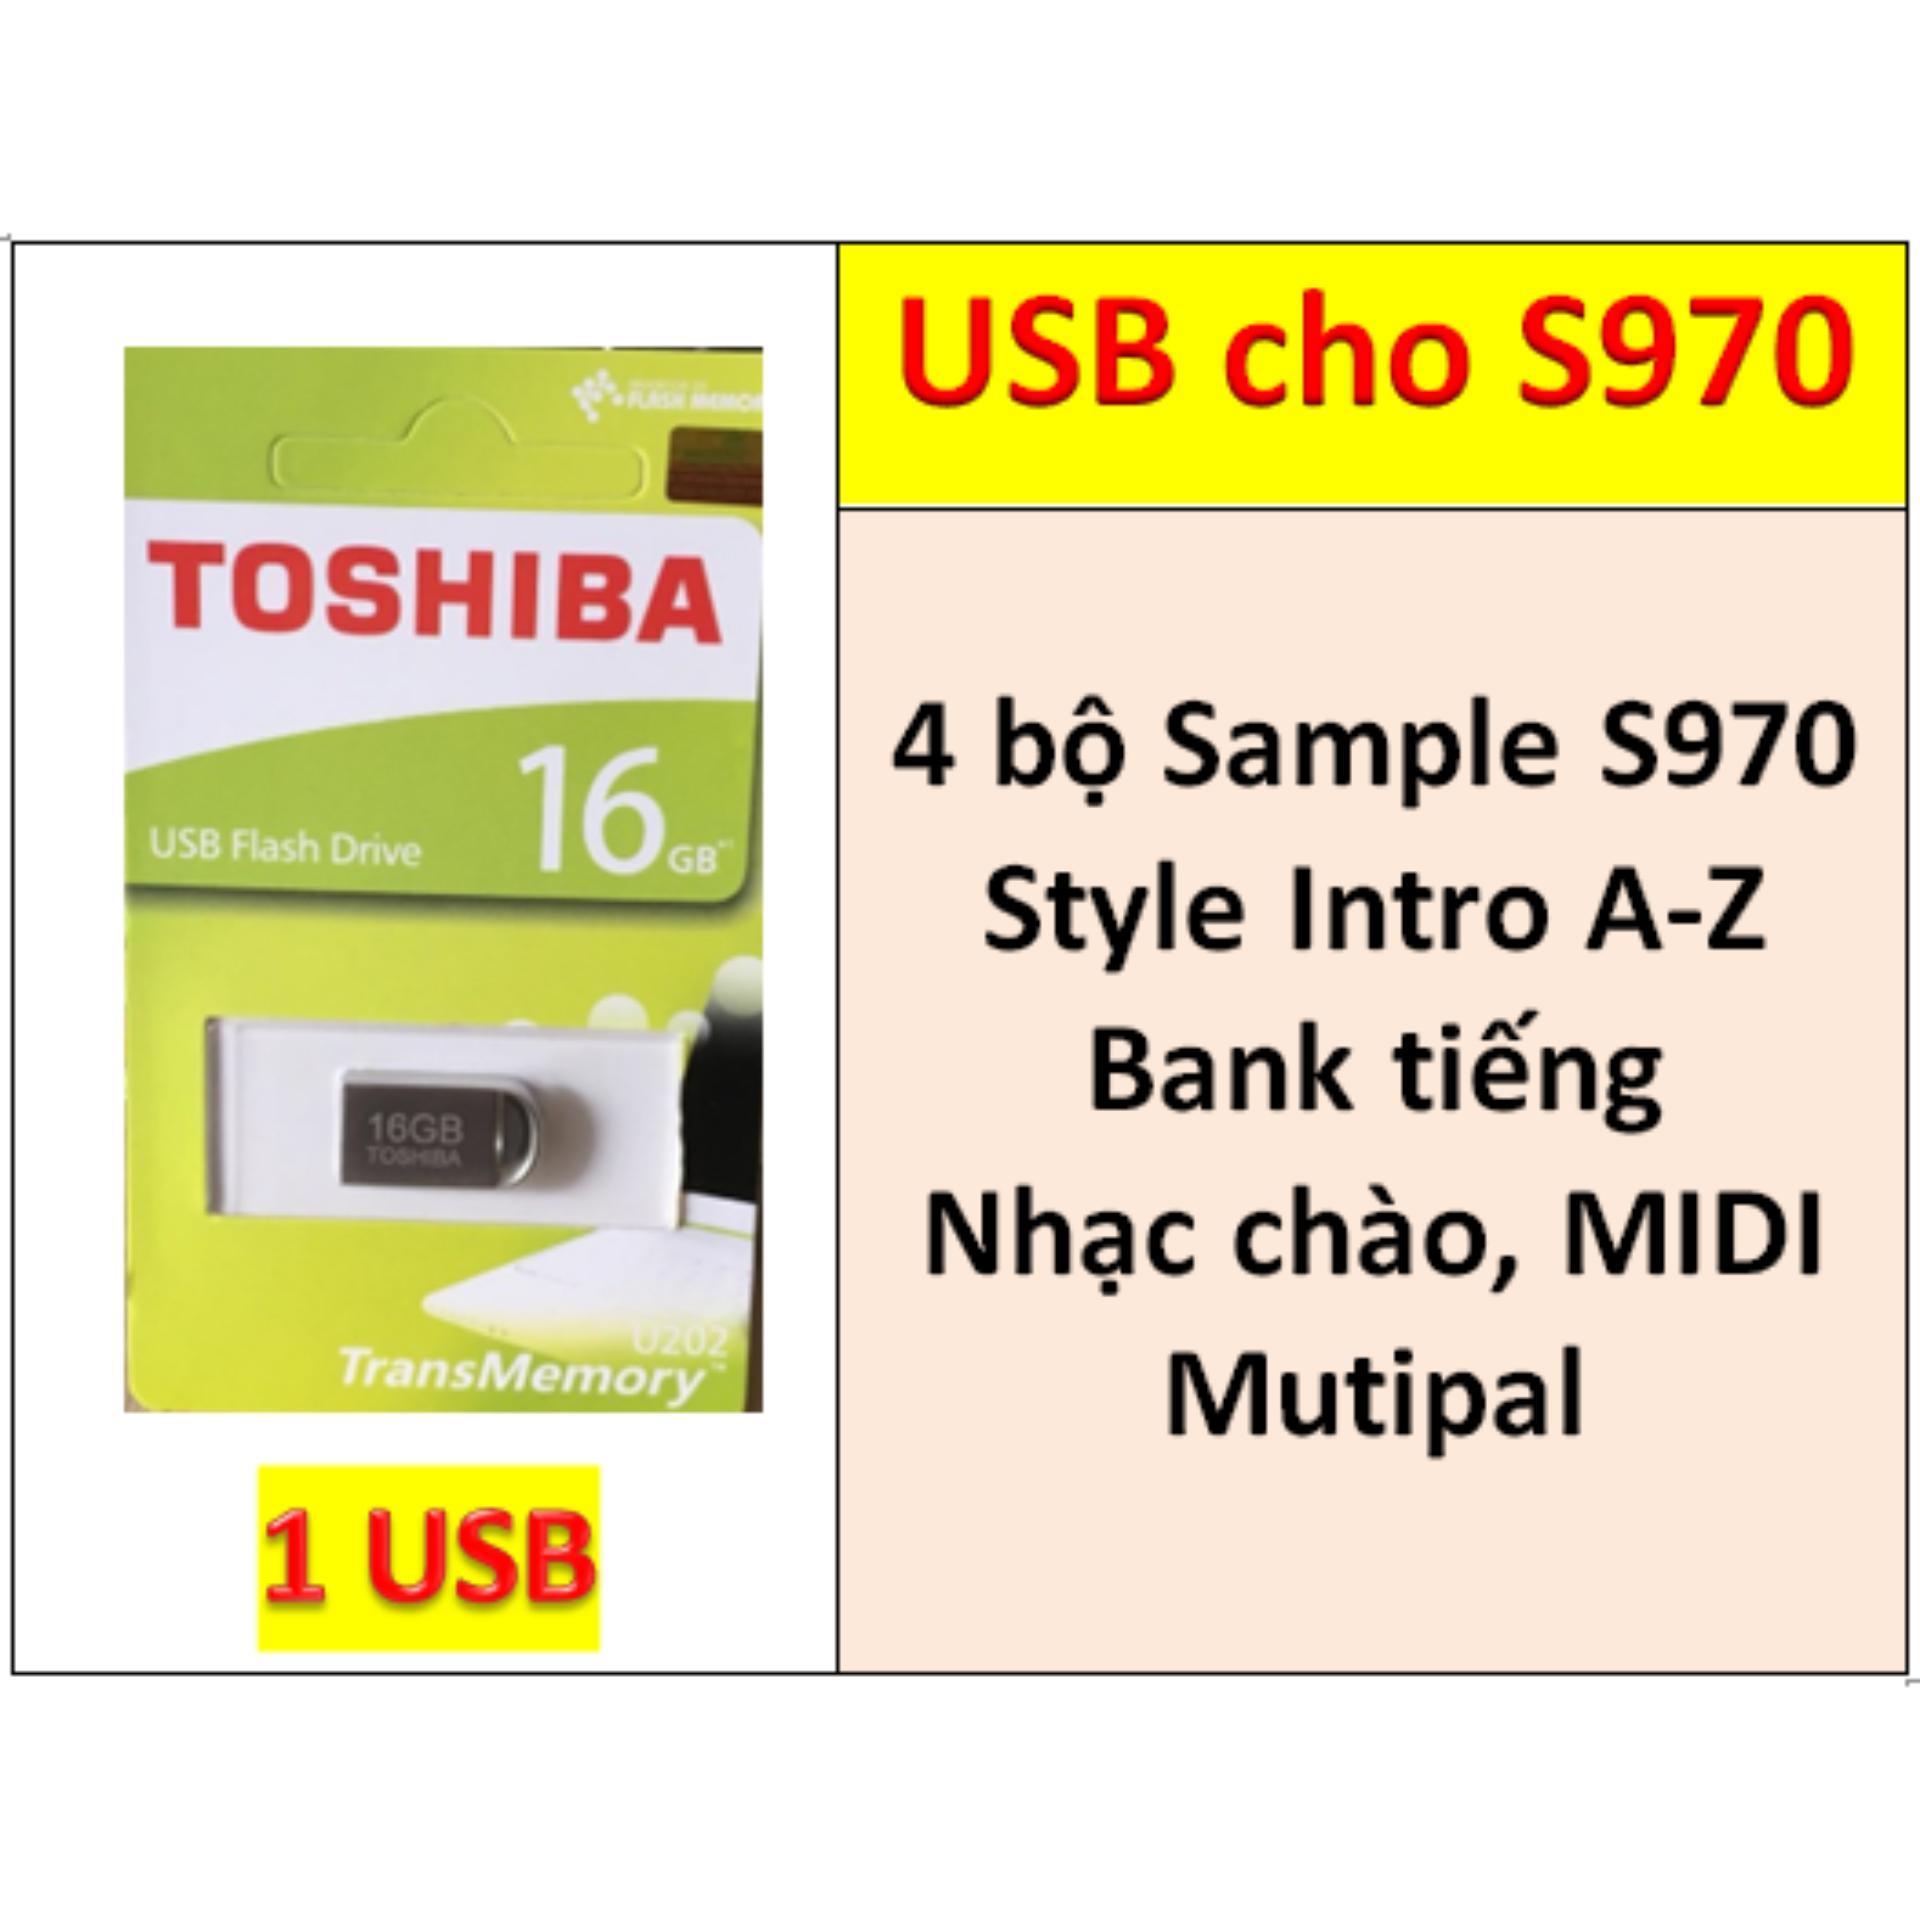 Mã Giảm Giá tại Lazada cho USB Mini 4 BỘ Sample Cho đàn Organ Yamaha PSR-S970, Style, Nhạc Chào, Songbook, Midi + Full Dữ Liệu Làm Show